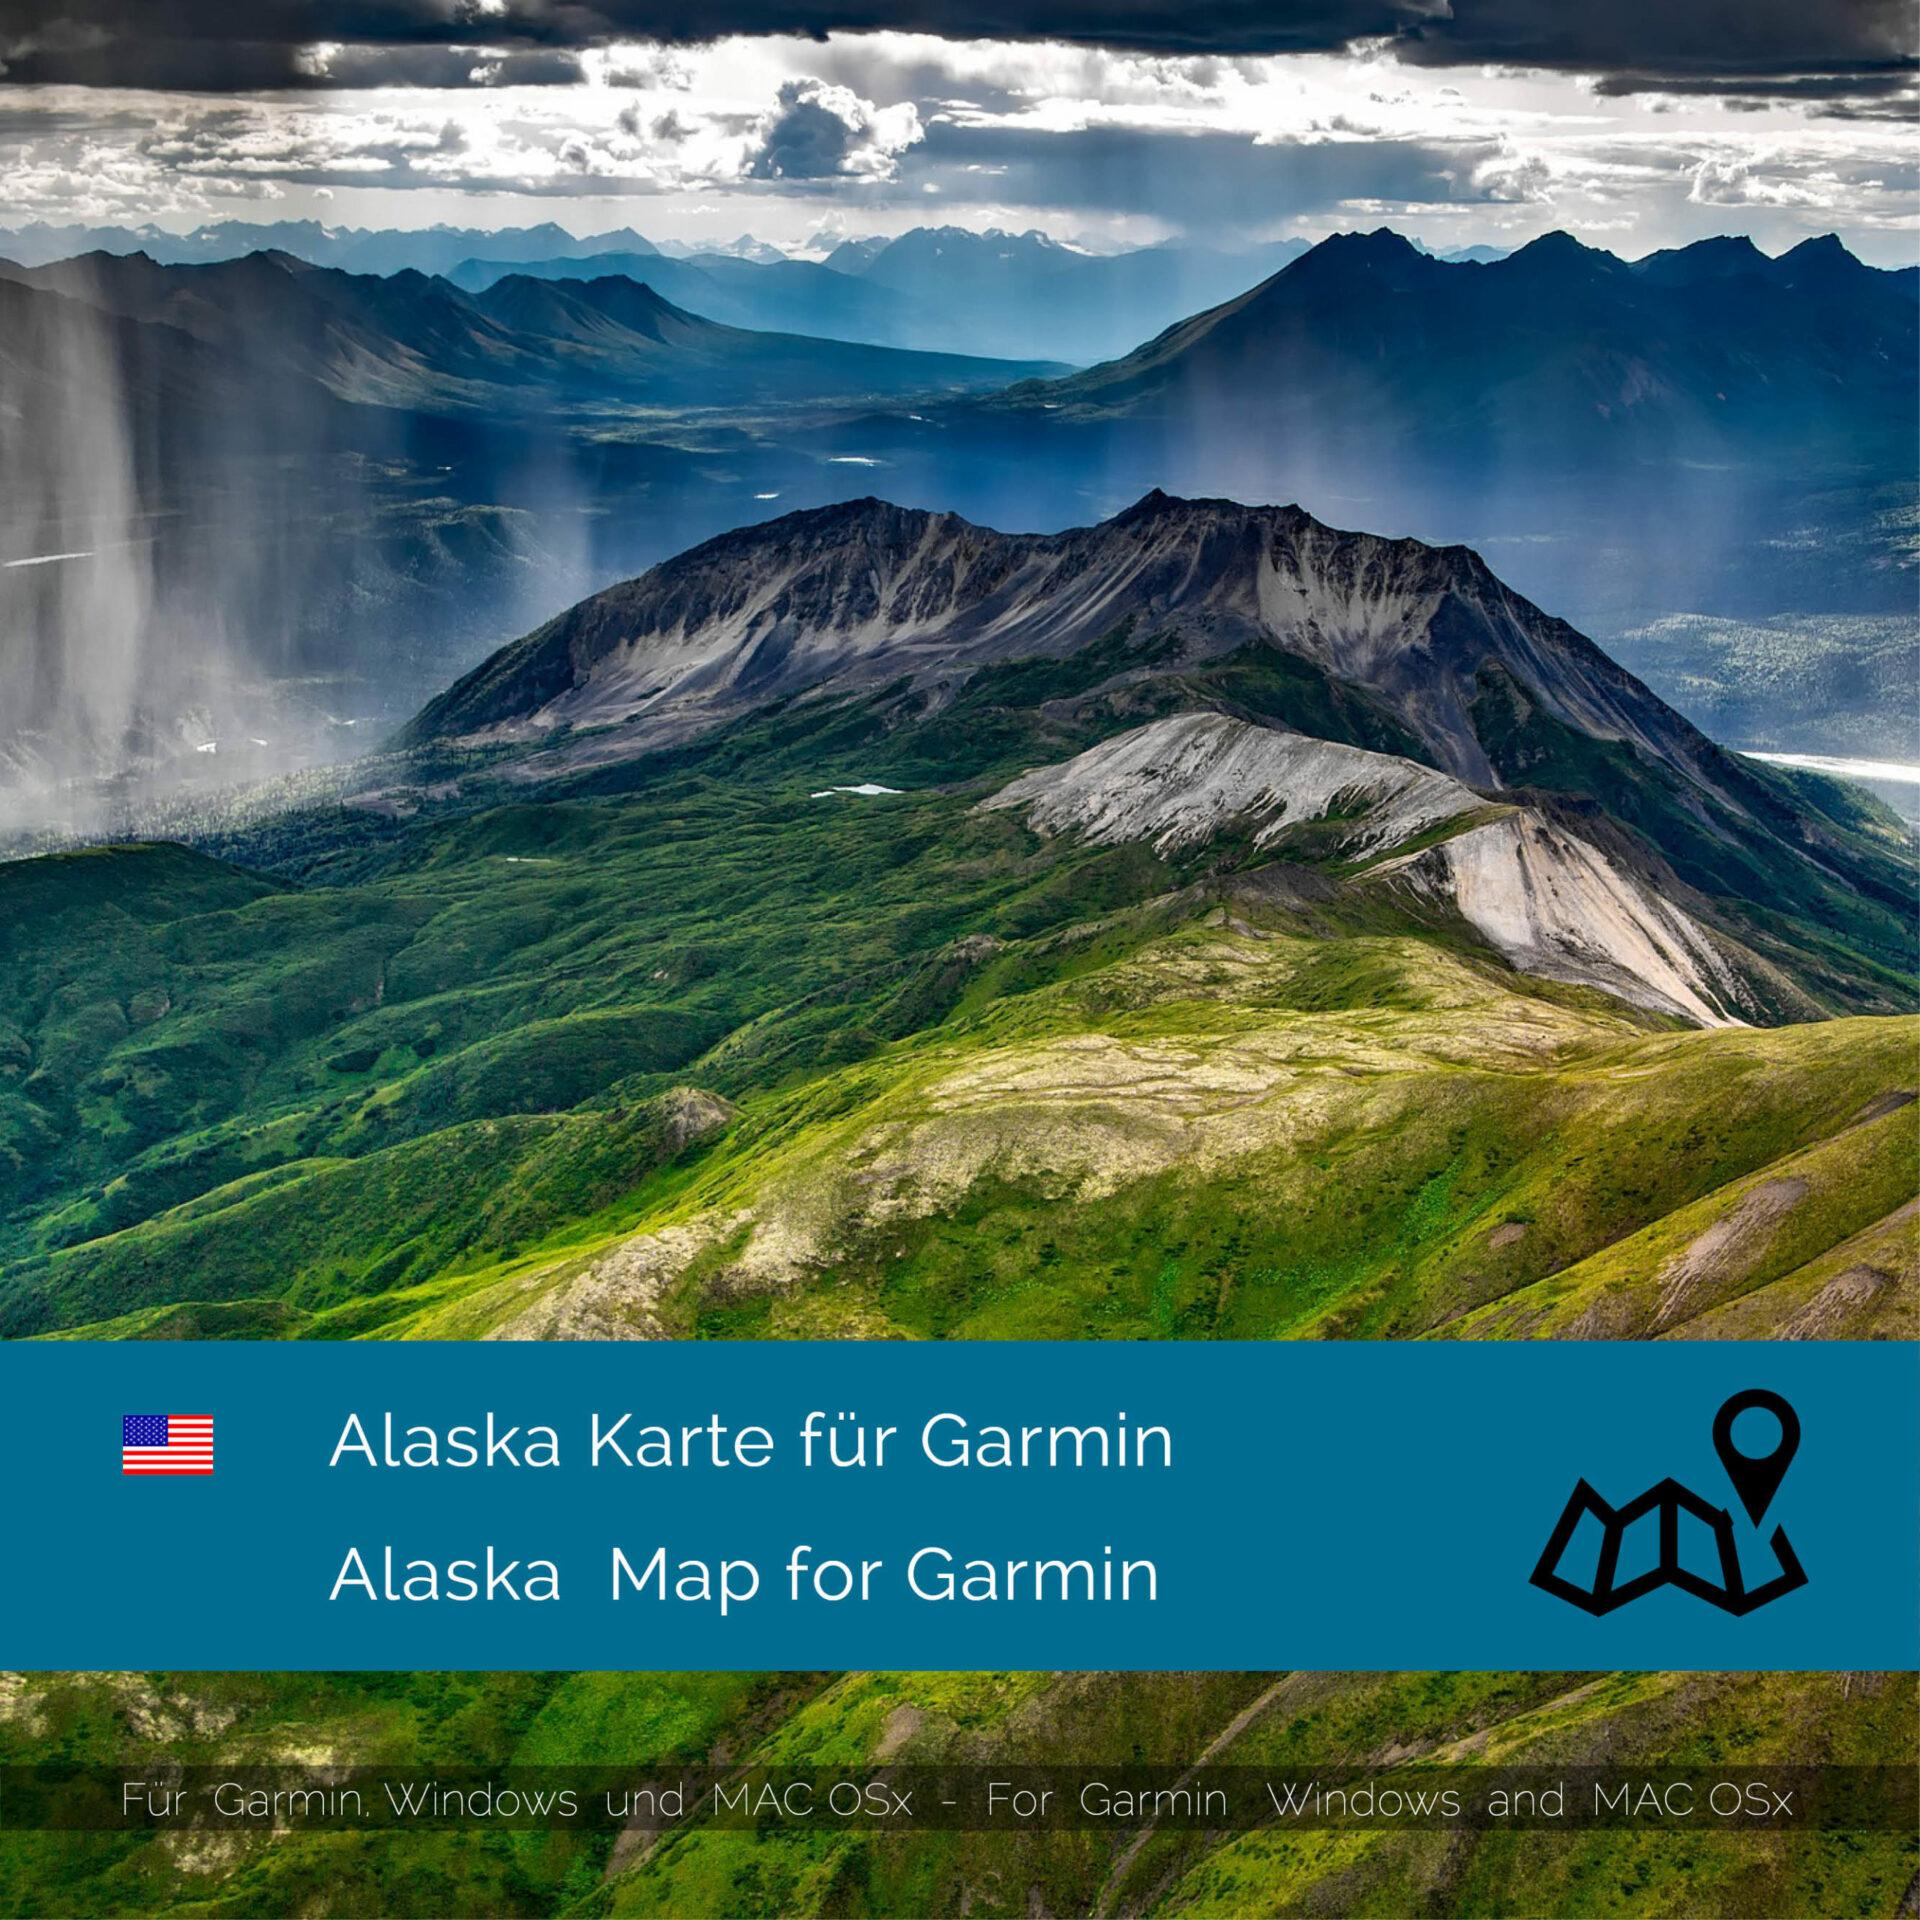 Garmin Us Map Download Alaska (USA)   Download GPS Map for Garmin   Garmin WorldMaps